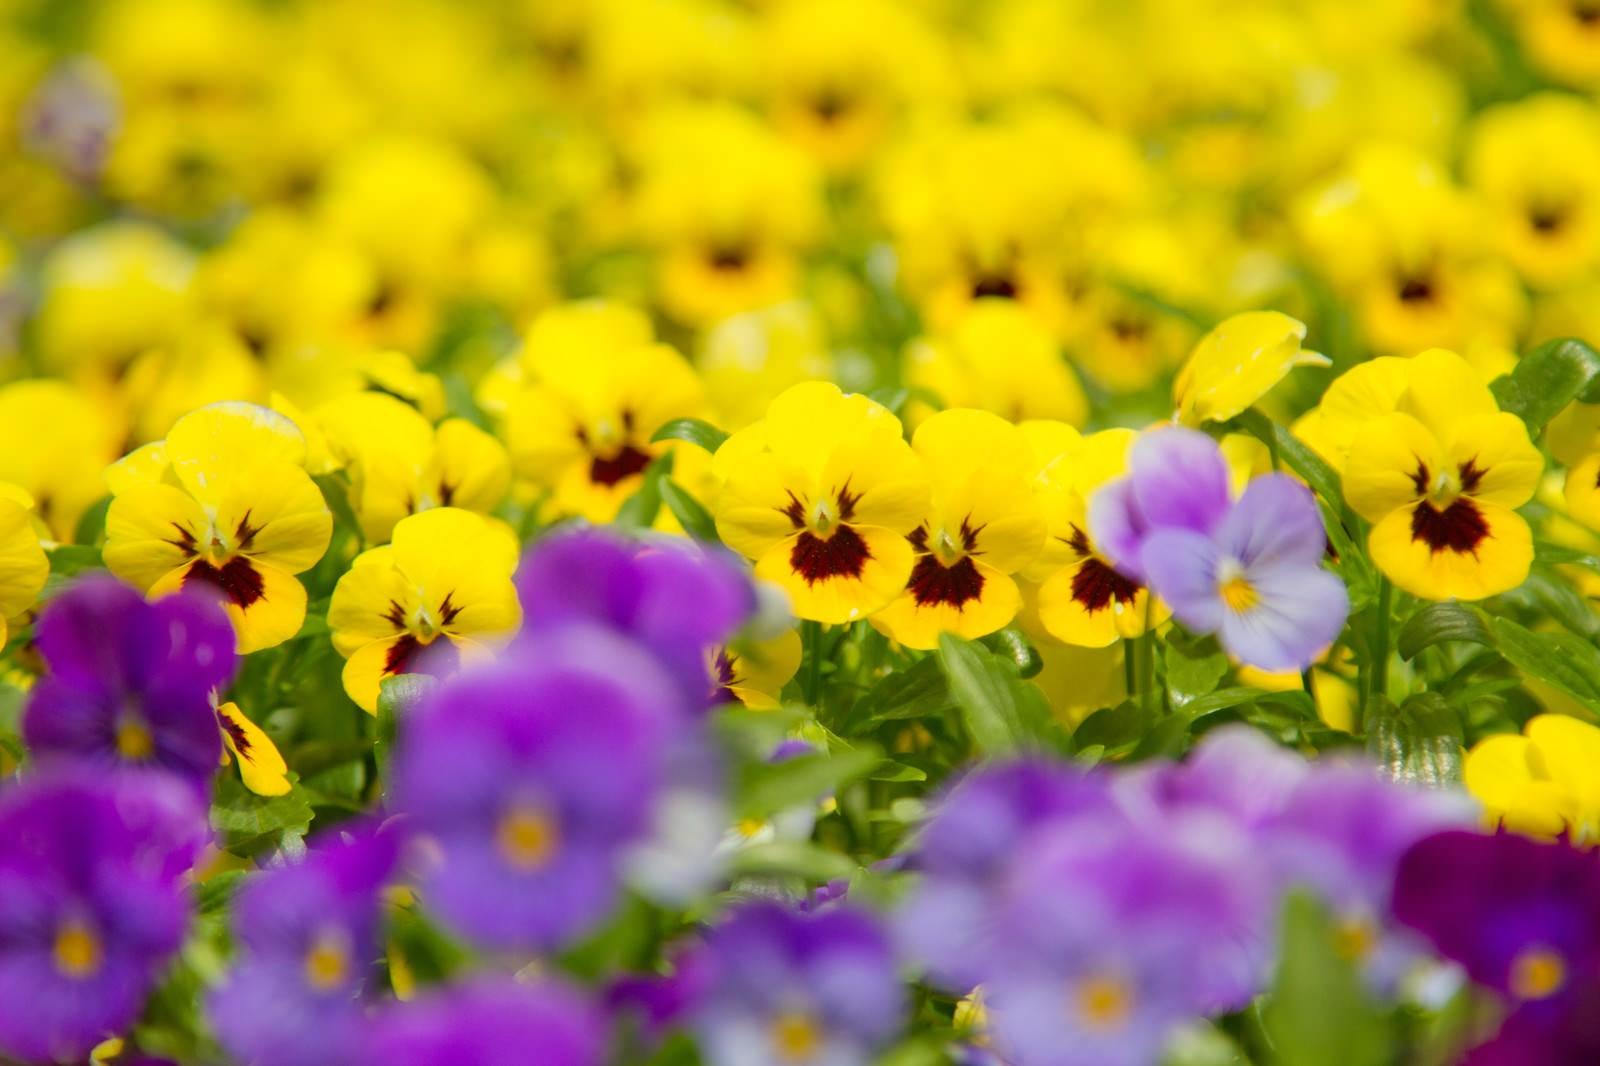 「黄色いパンジー」の写真